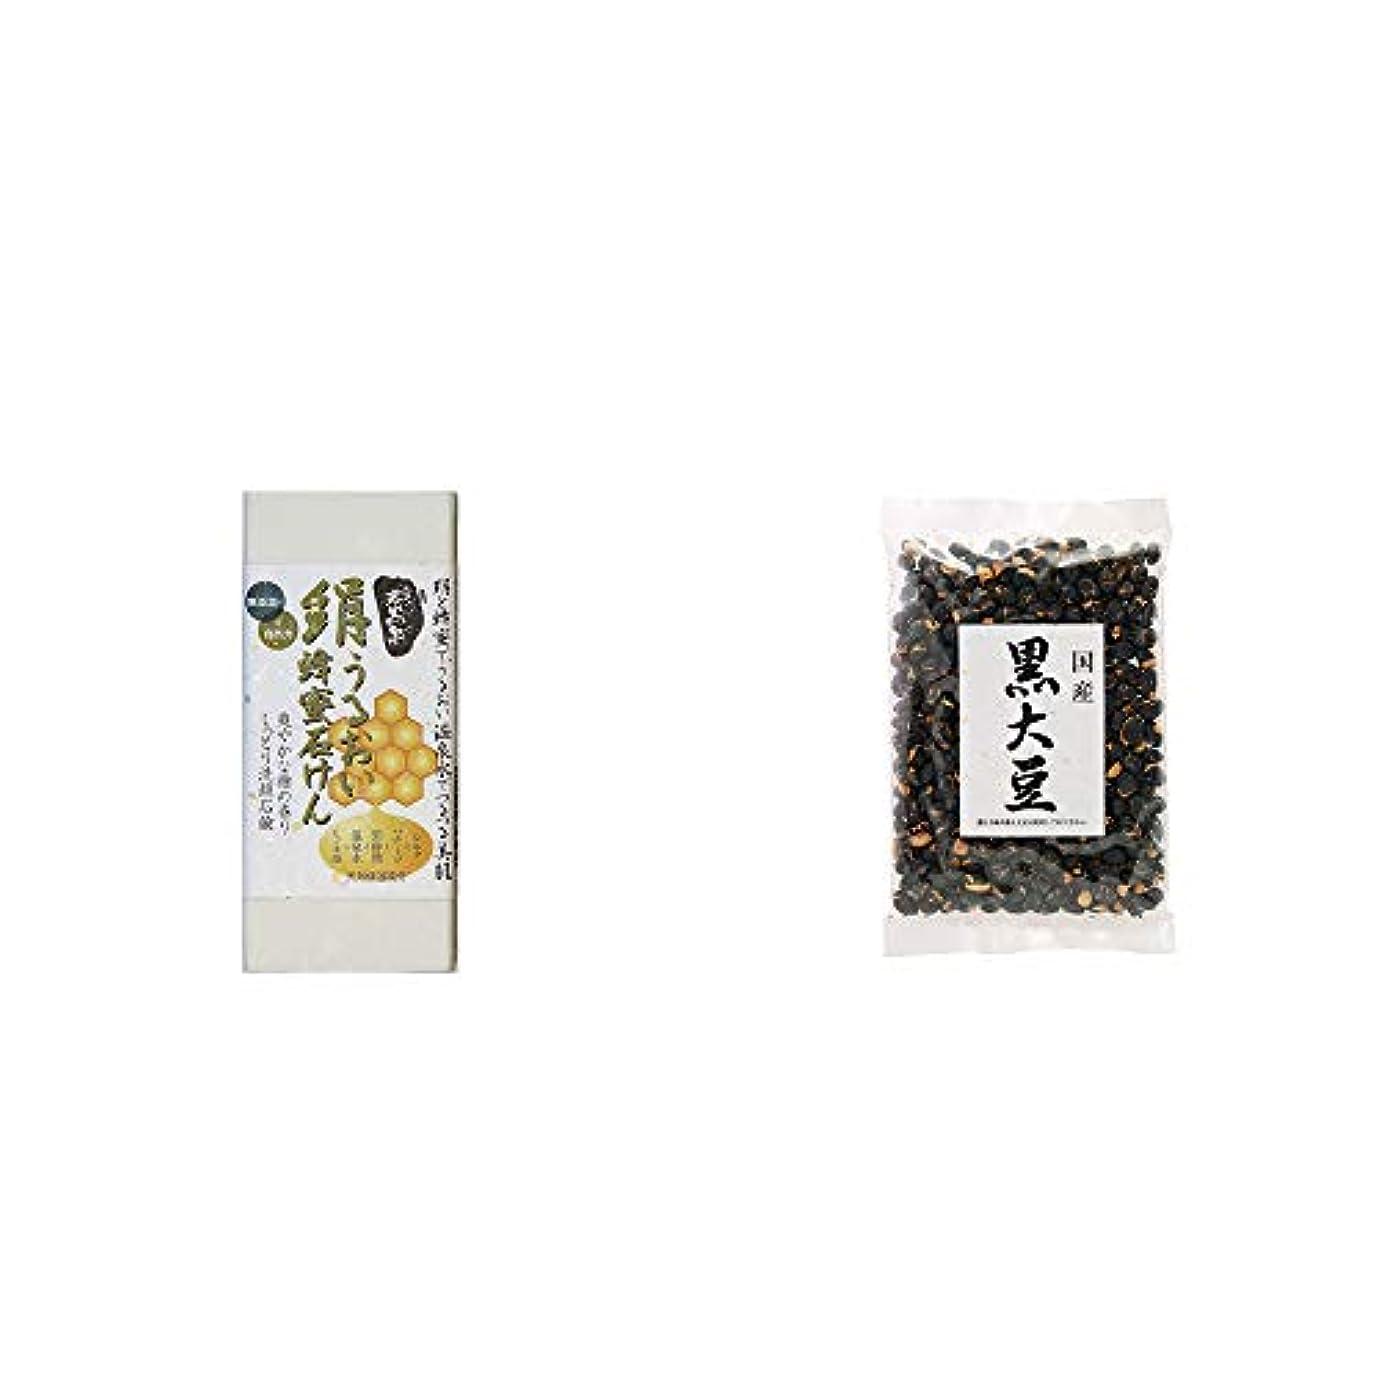 順応性のある乳白色赤外線[2点セット] ひのき炭黒泉 絹うるおい蜂蜜石けん(75g×2)?国産 黒大豆(140g)